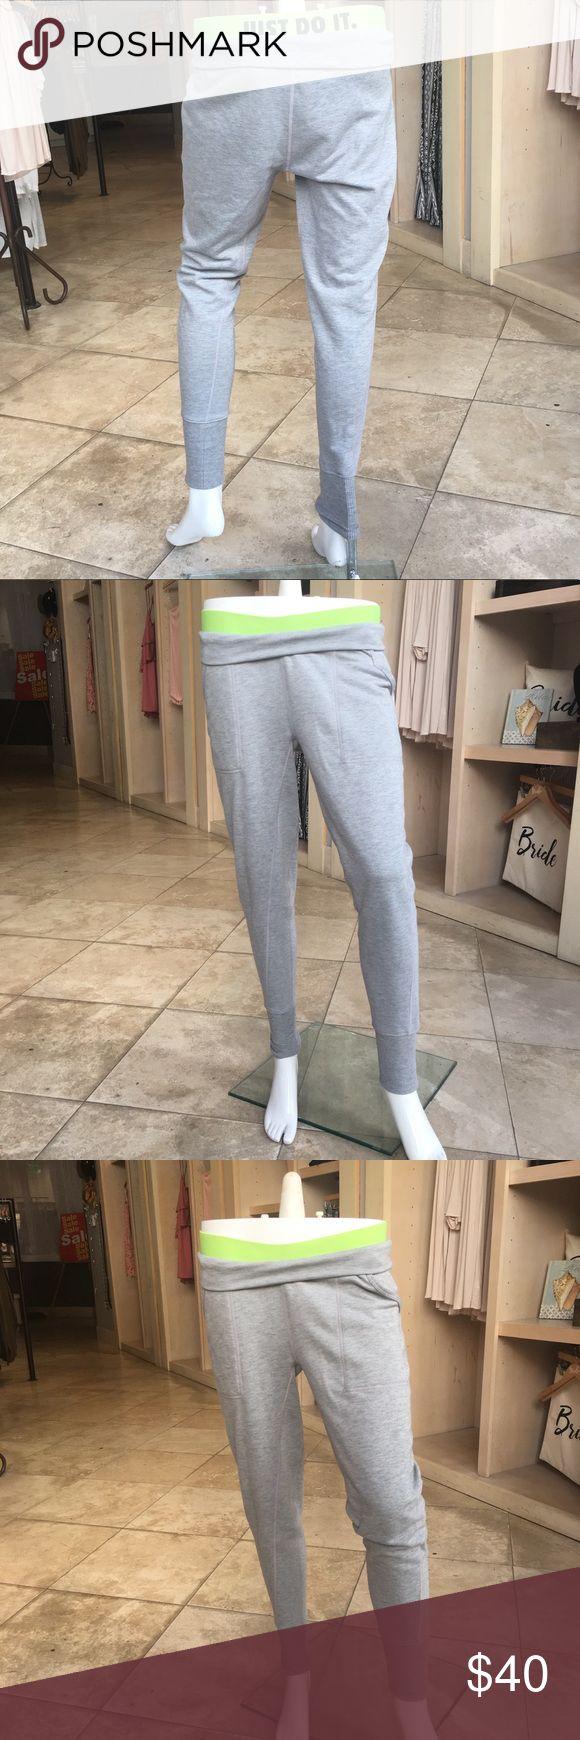 Nike sweat pants small grey Nike sweat pants small grey Nike Pants Track Pants & Joggers